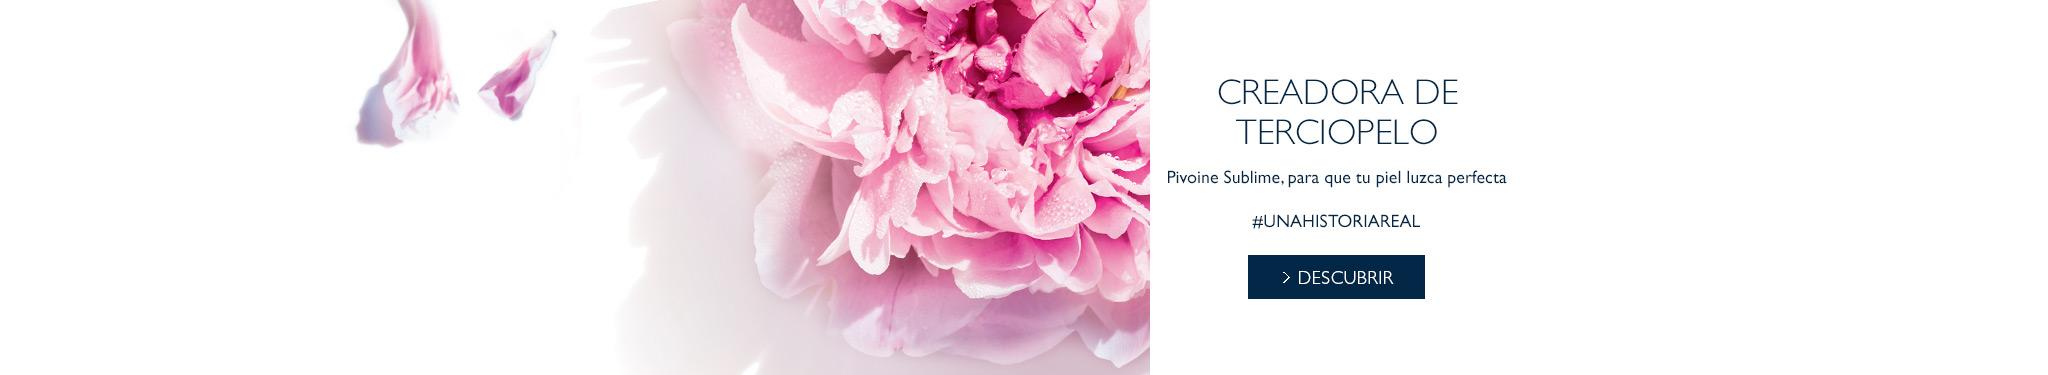 Pivoine Sublime, para que tu piel luzca perfecta